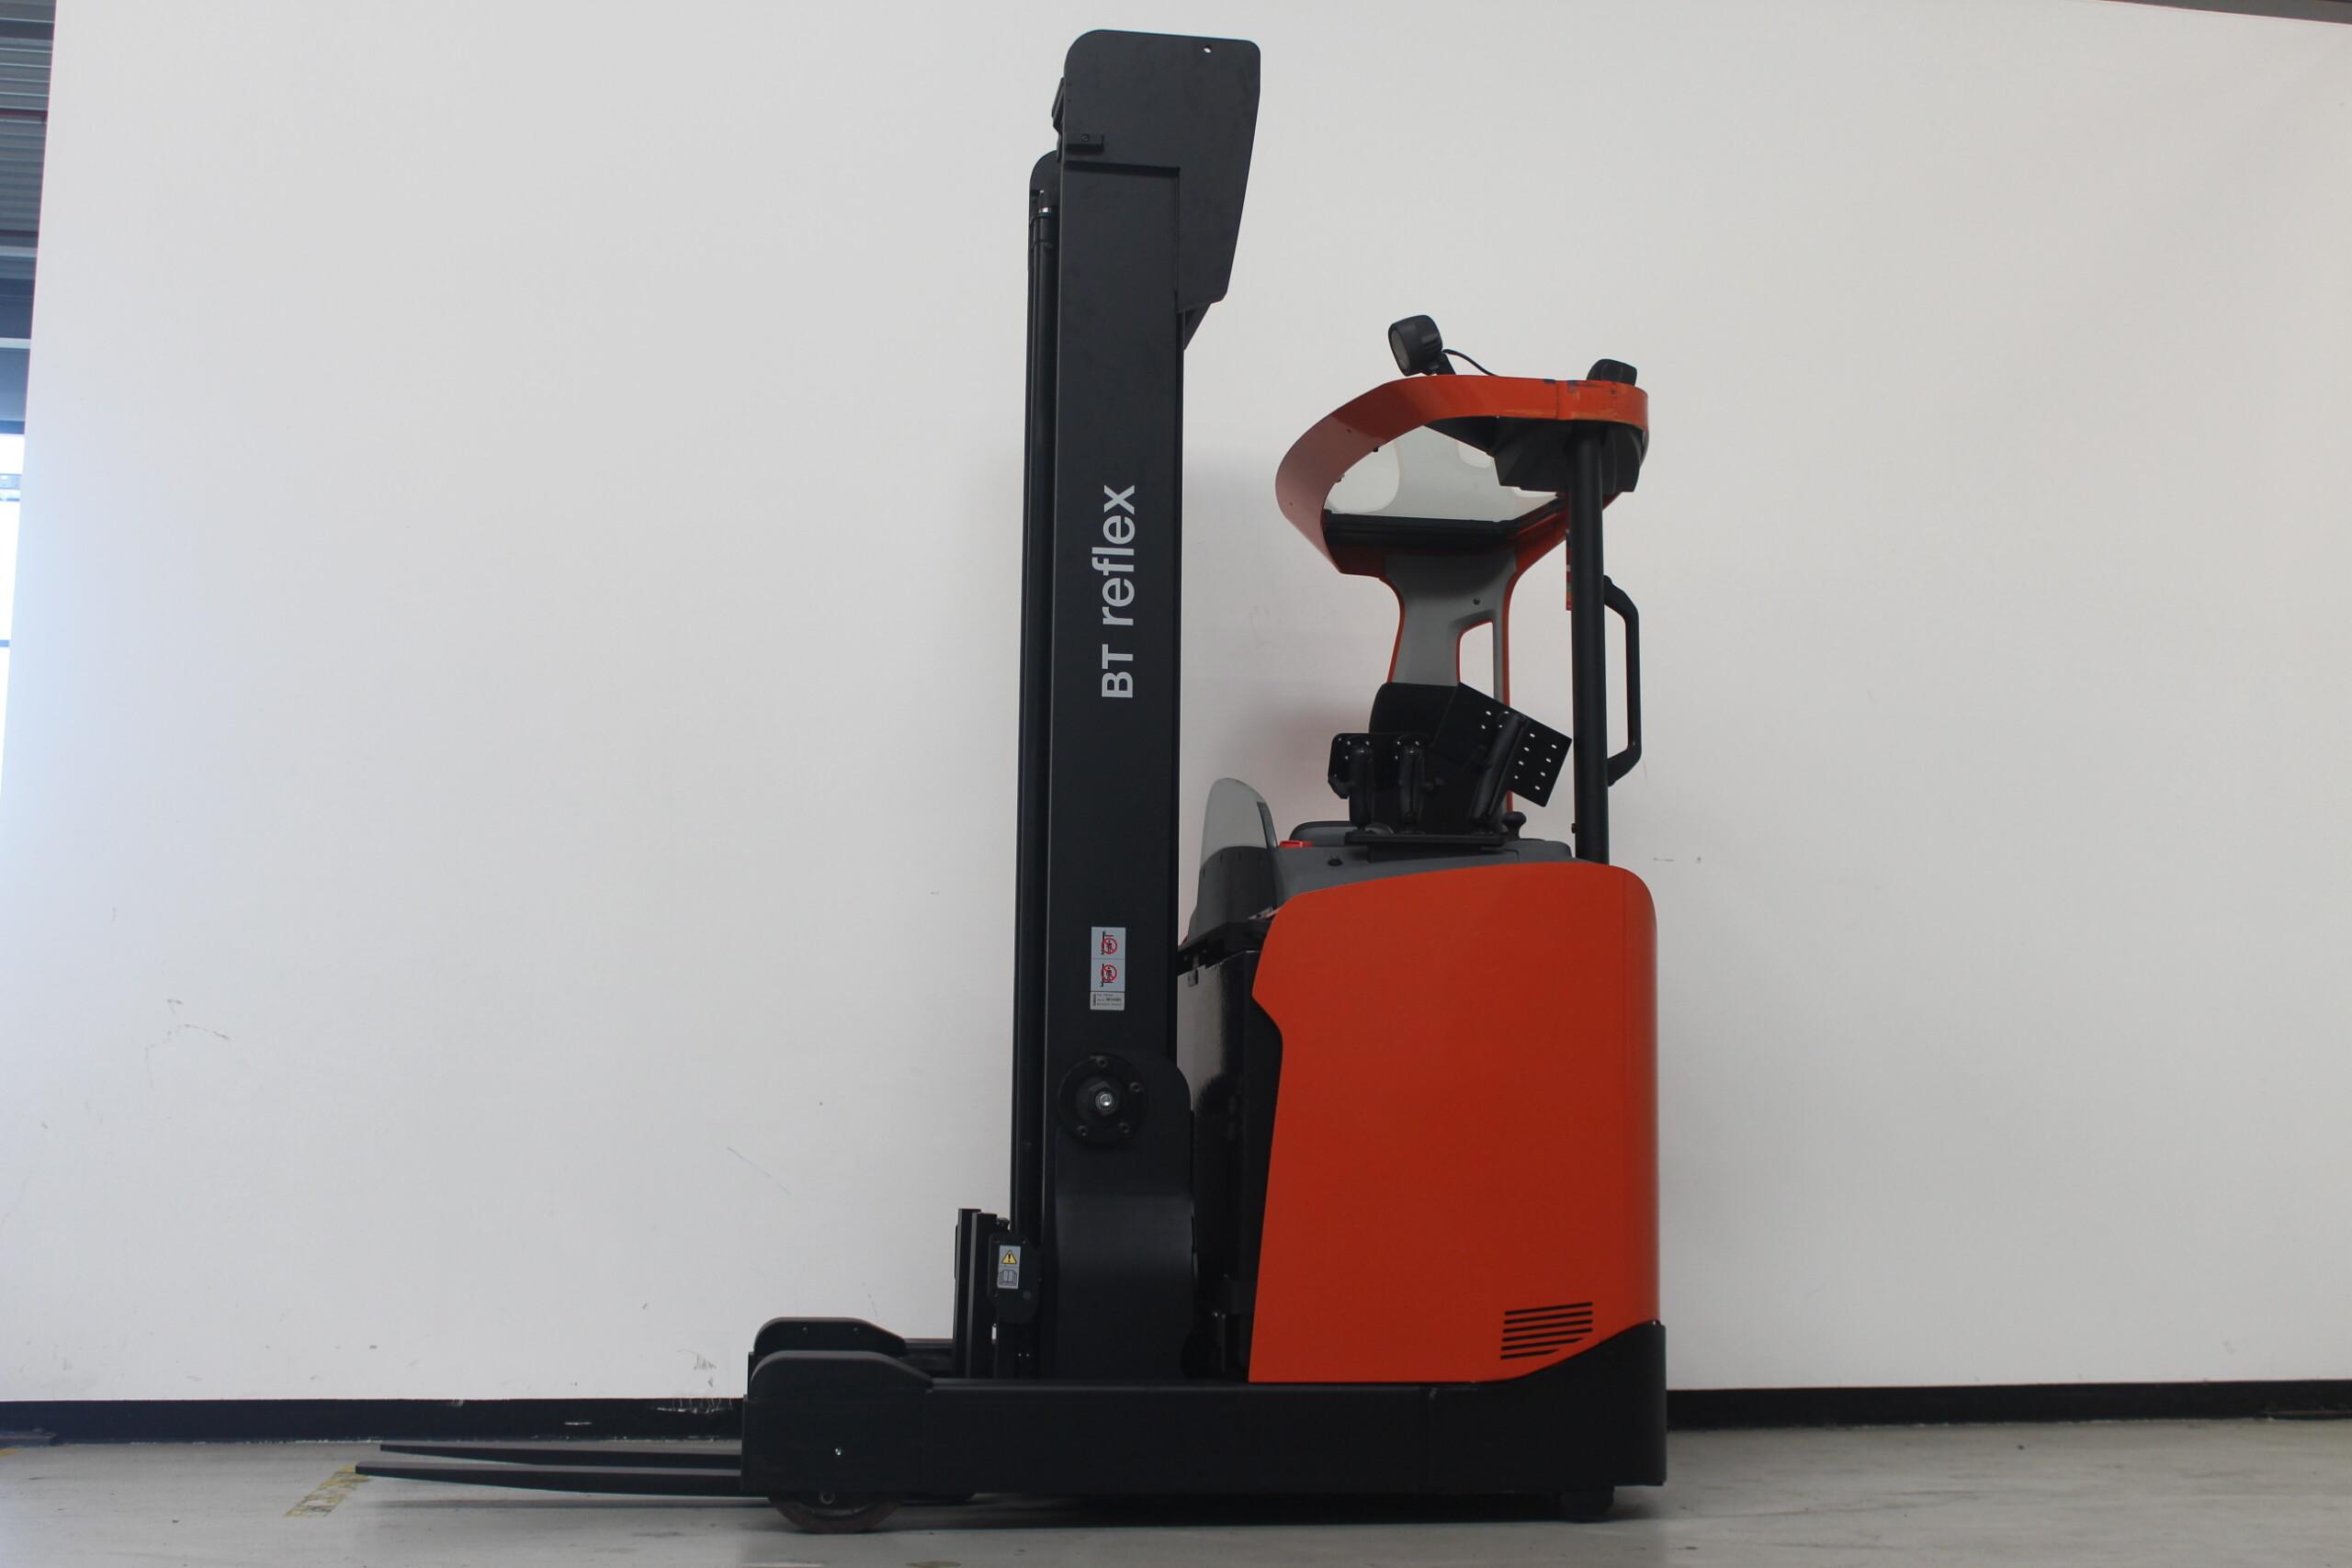 Toyota-Gabelstapler-59840 1801036151 1 30 scaled